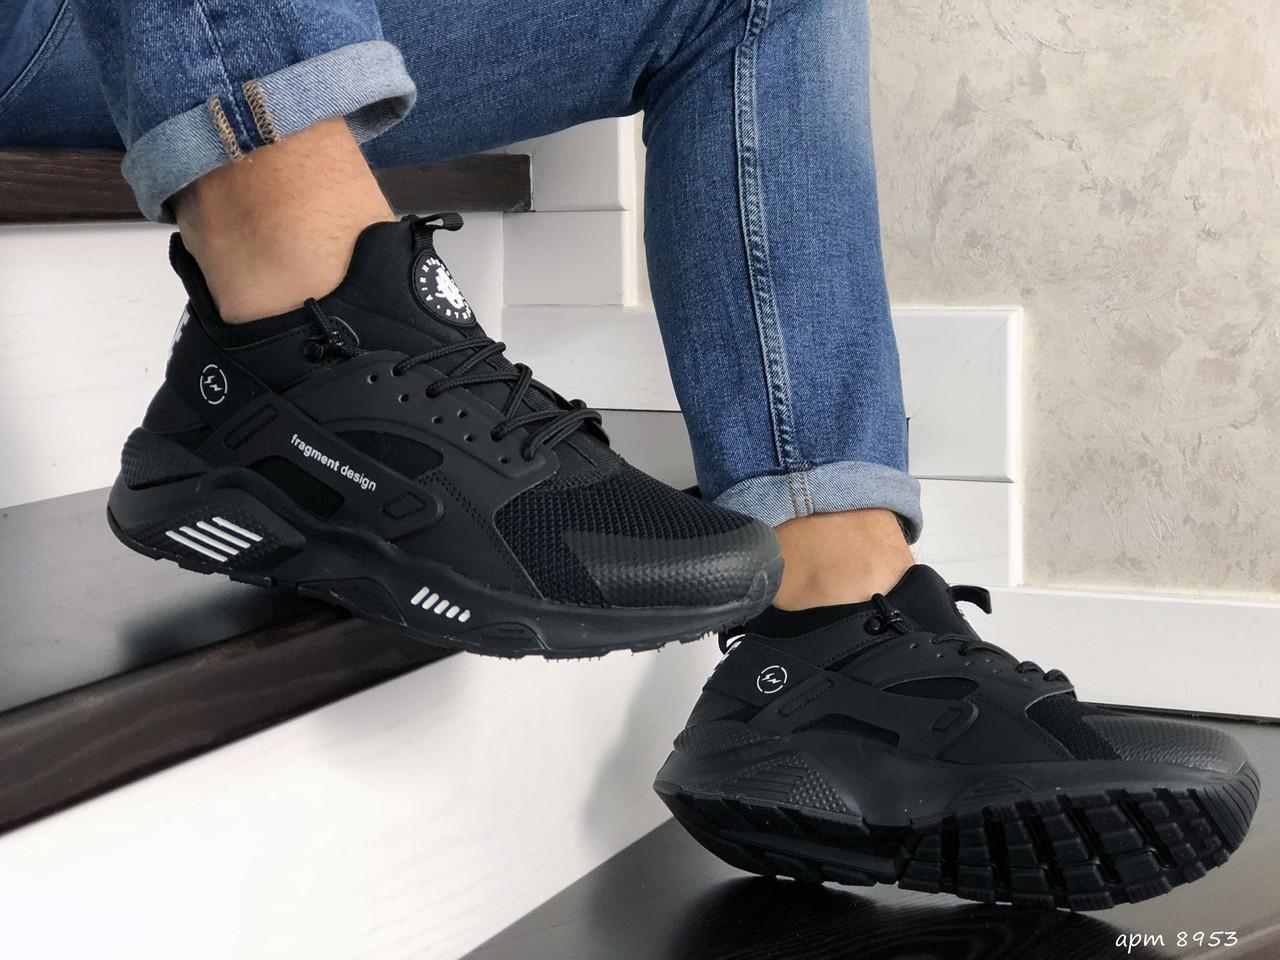 Чоловічі кросівки Nike Huarache Fragment Design (чорні) 8953